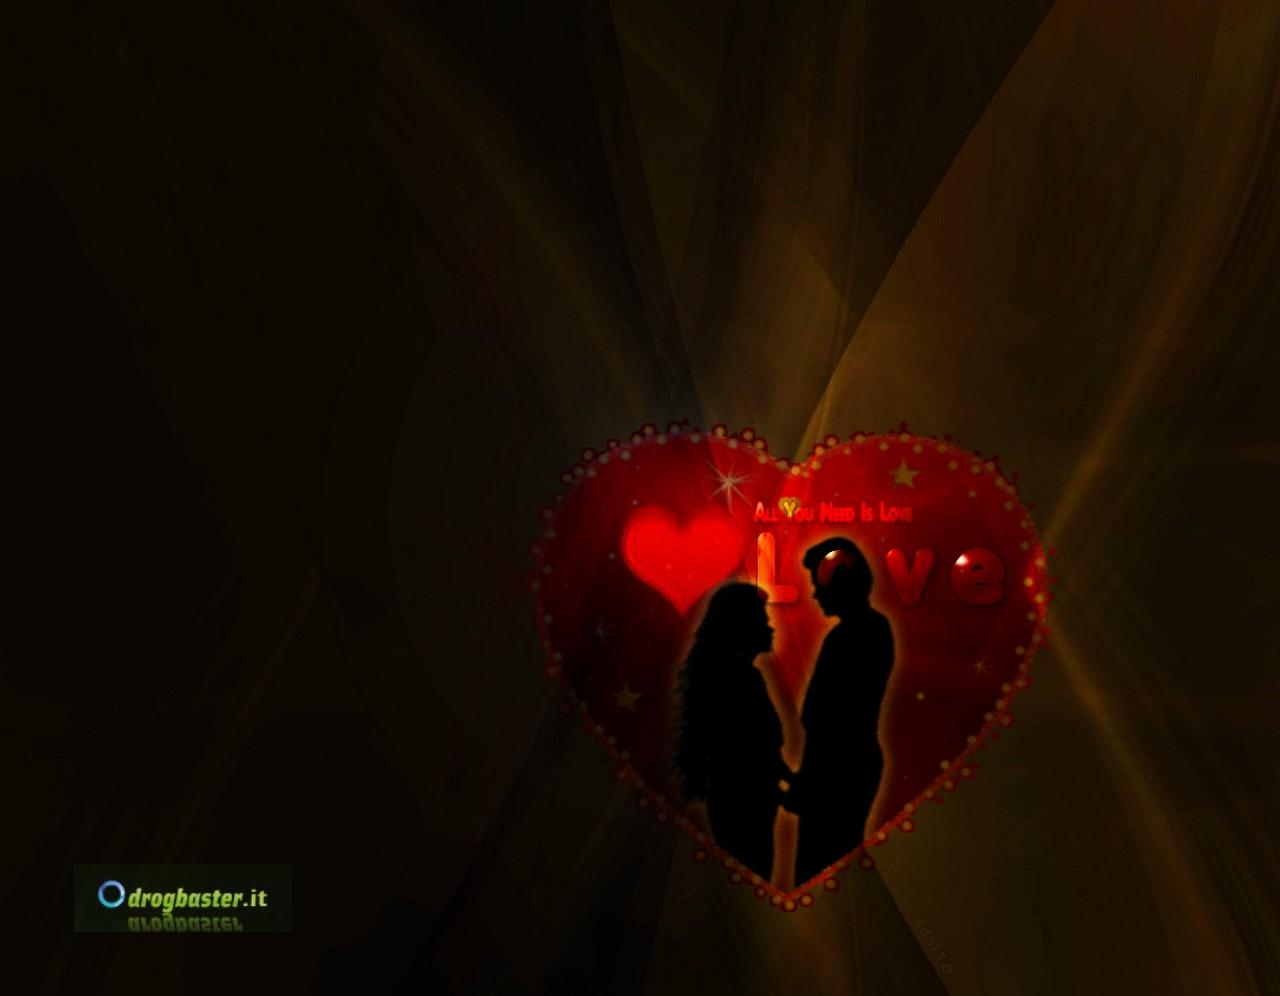 Immagini belle gratis da scaricare qo35 regardsdefemmes for Immagini natalizie d amore